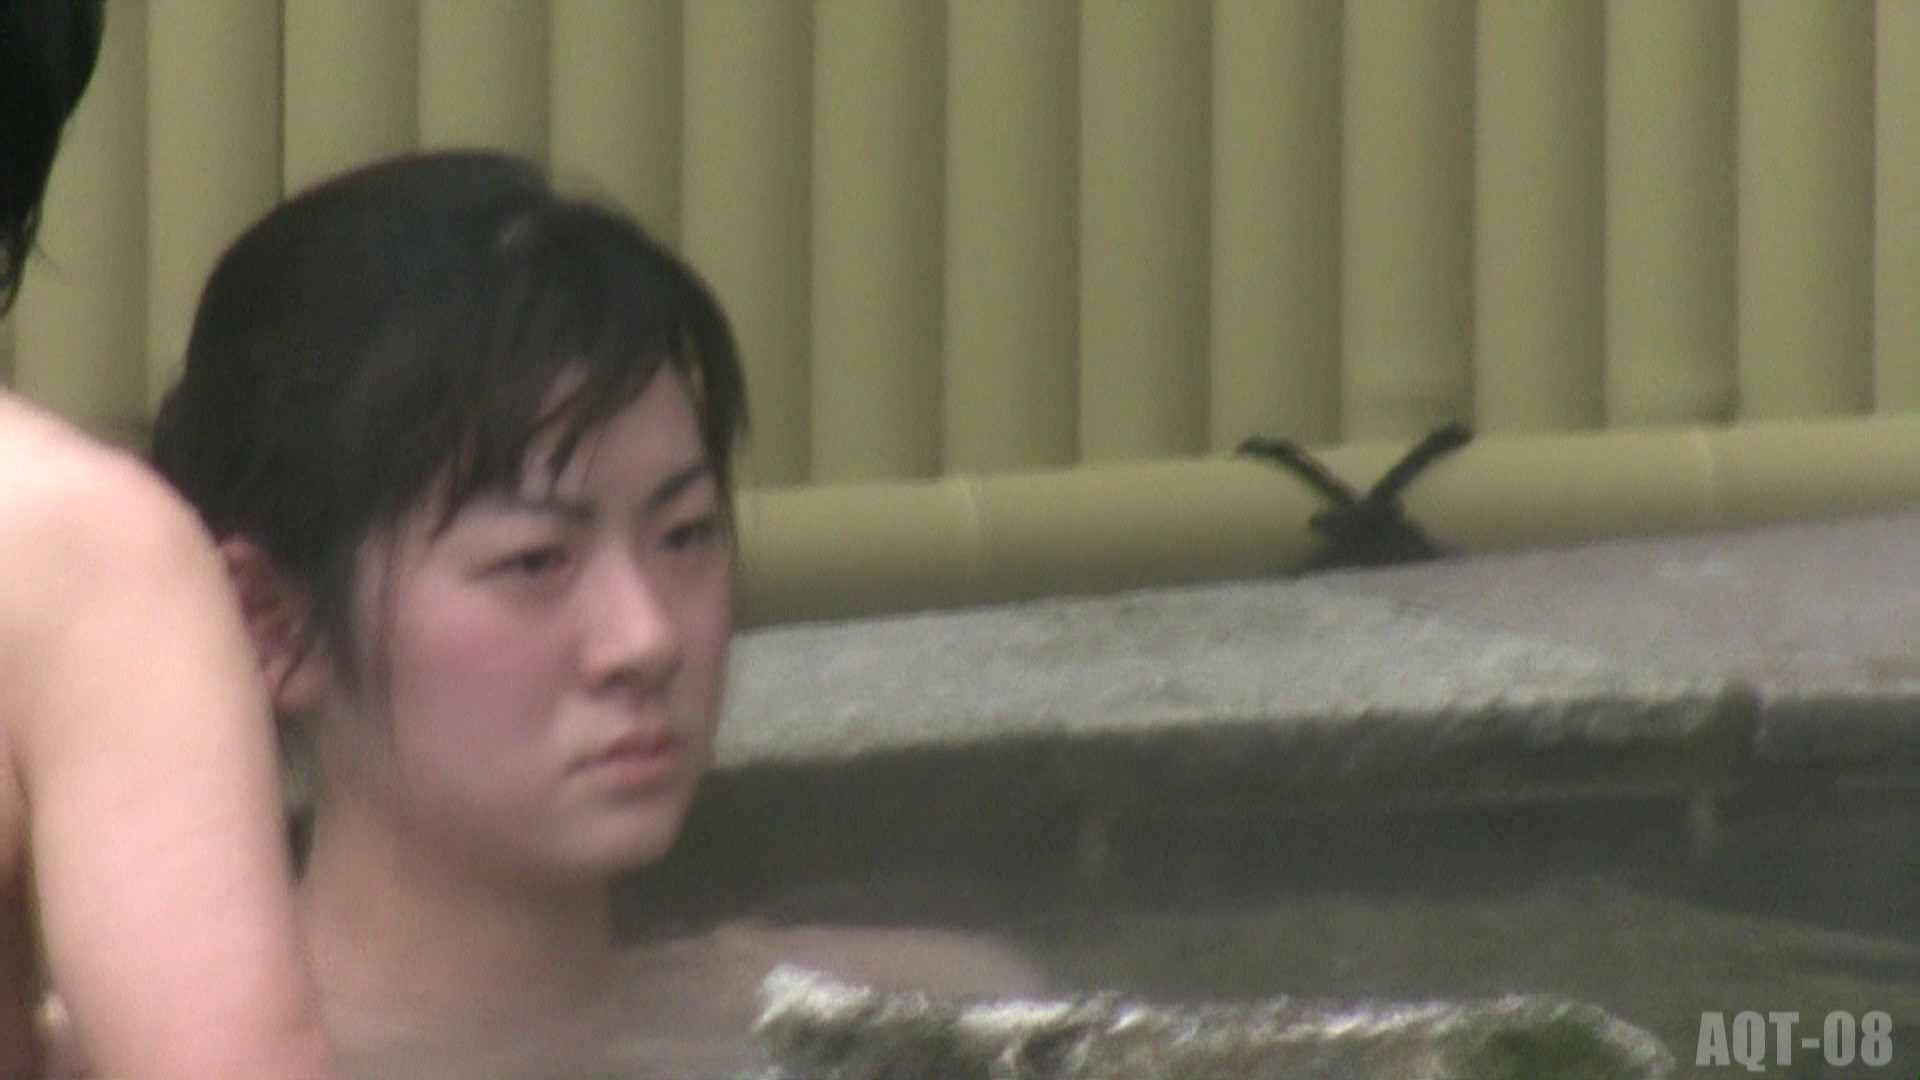 Aquaな露天風呂Vol.774 美しいOLの裸体 | 盗撮師作品  78pic 40